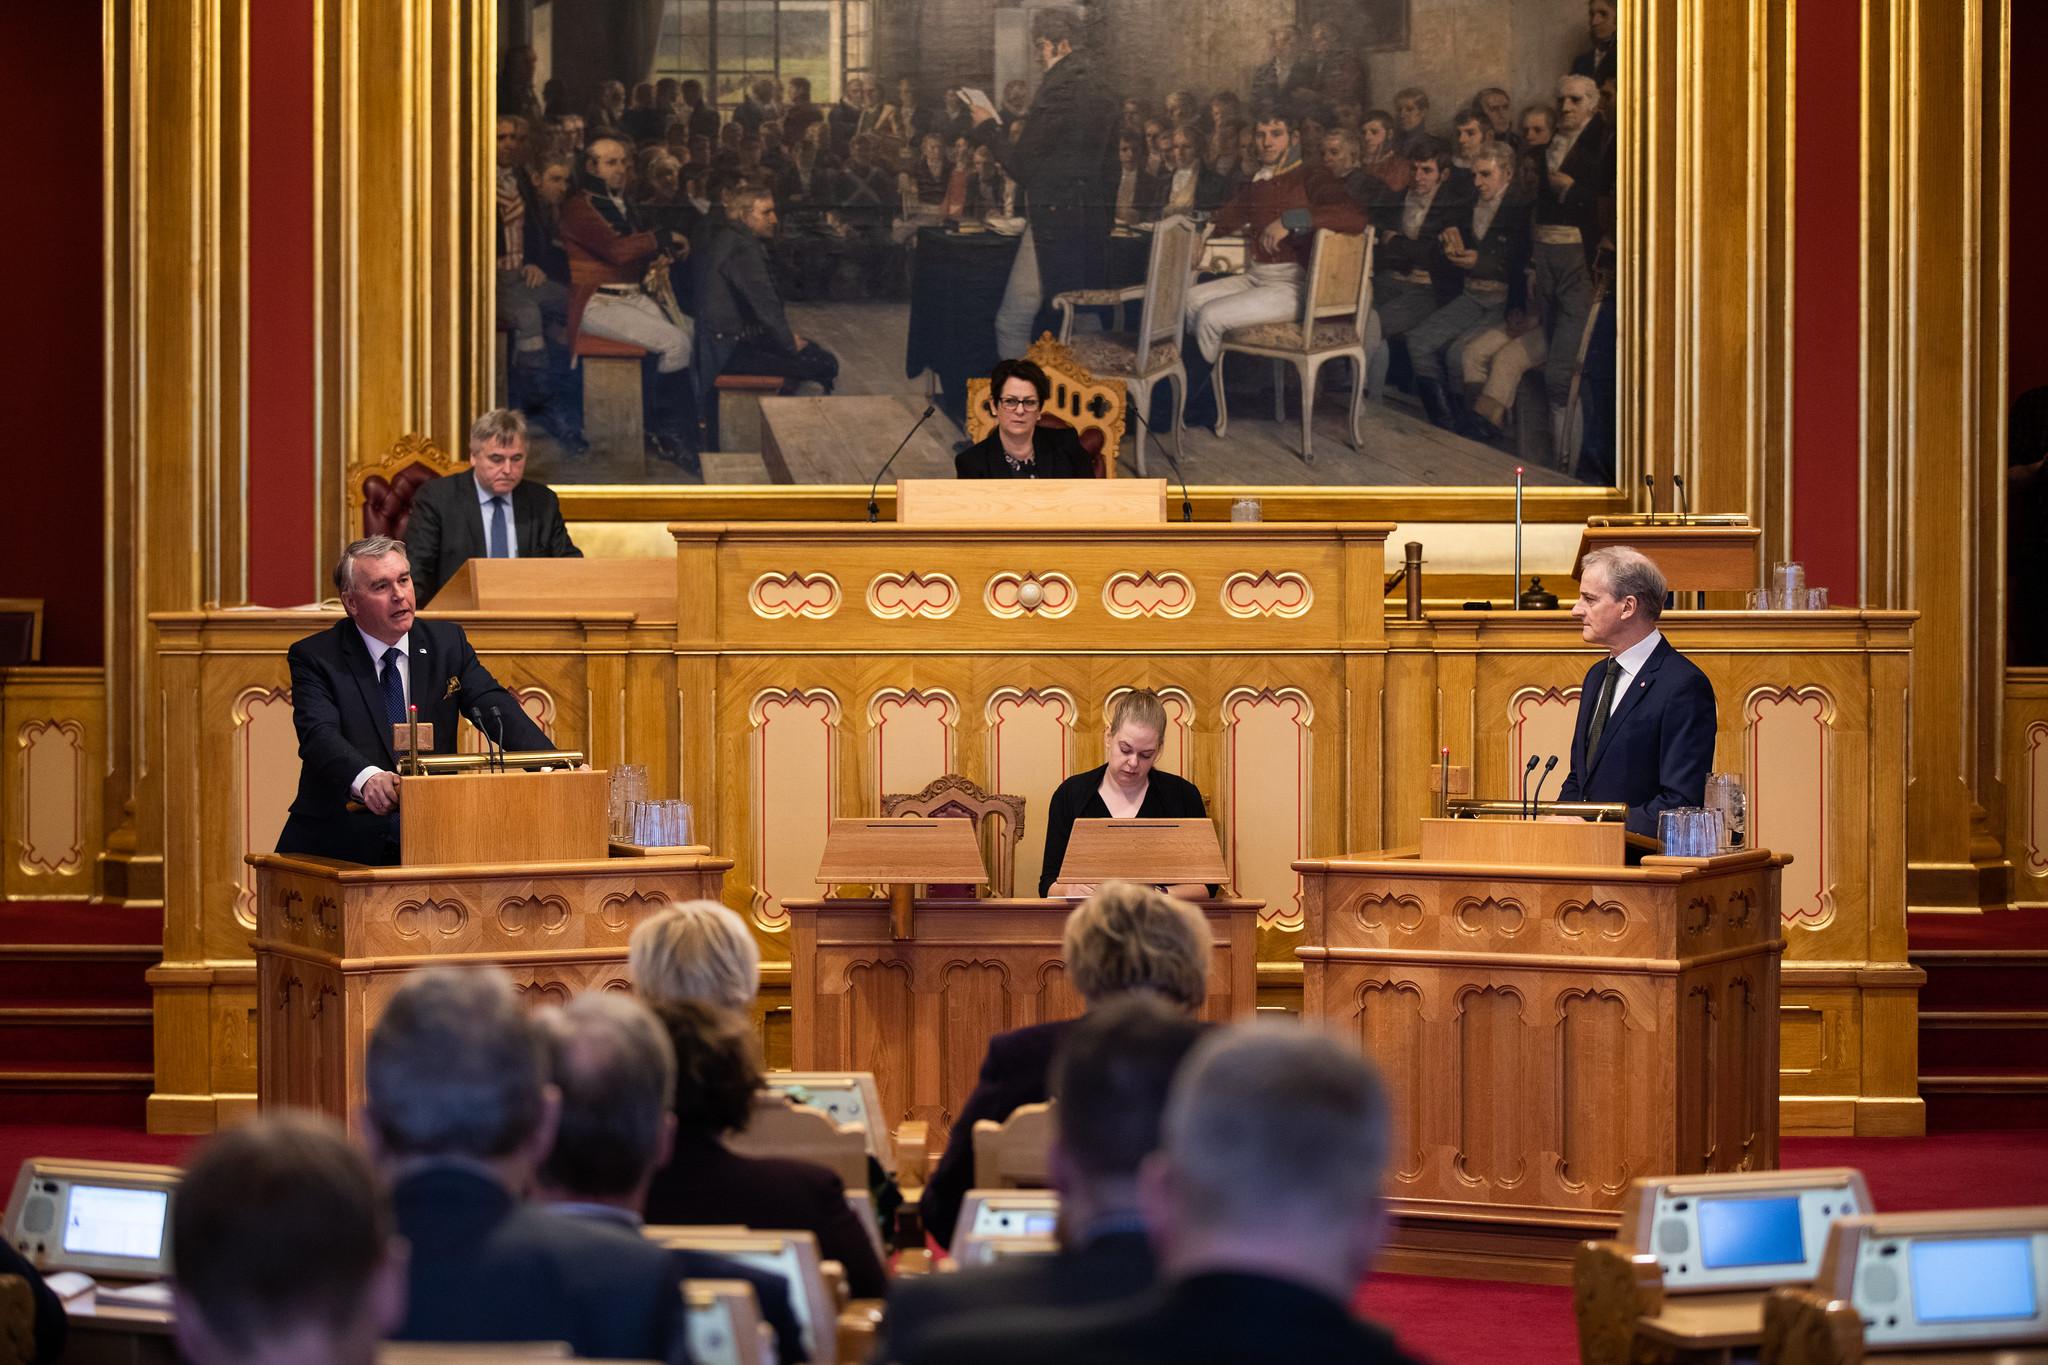 Anbud365: Marsjordre til helseforetakene fra Stortinget: Bruk mer innovative legemiddel-anskaffelser